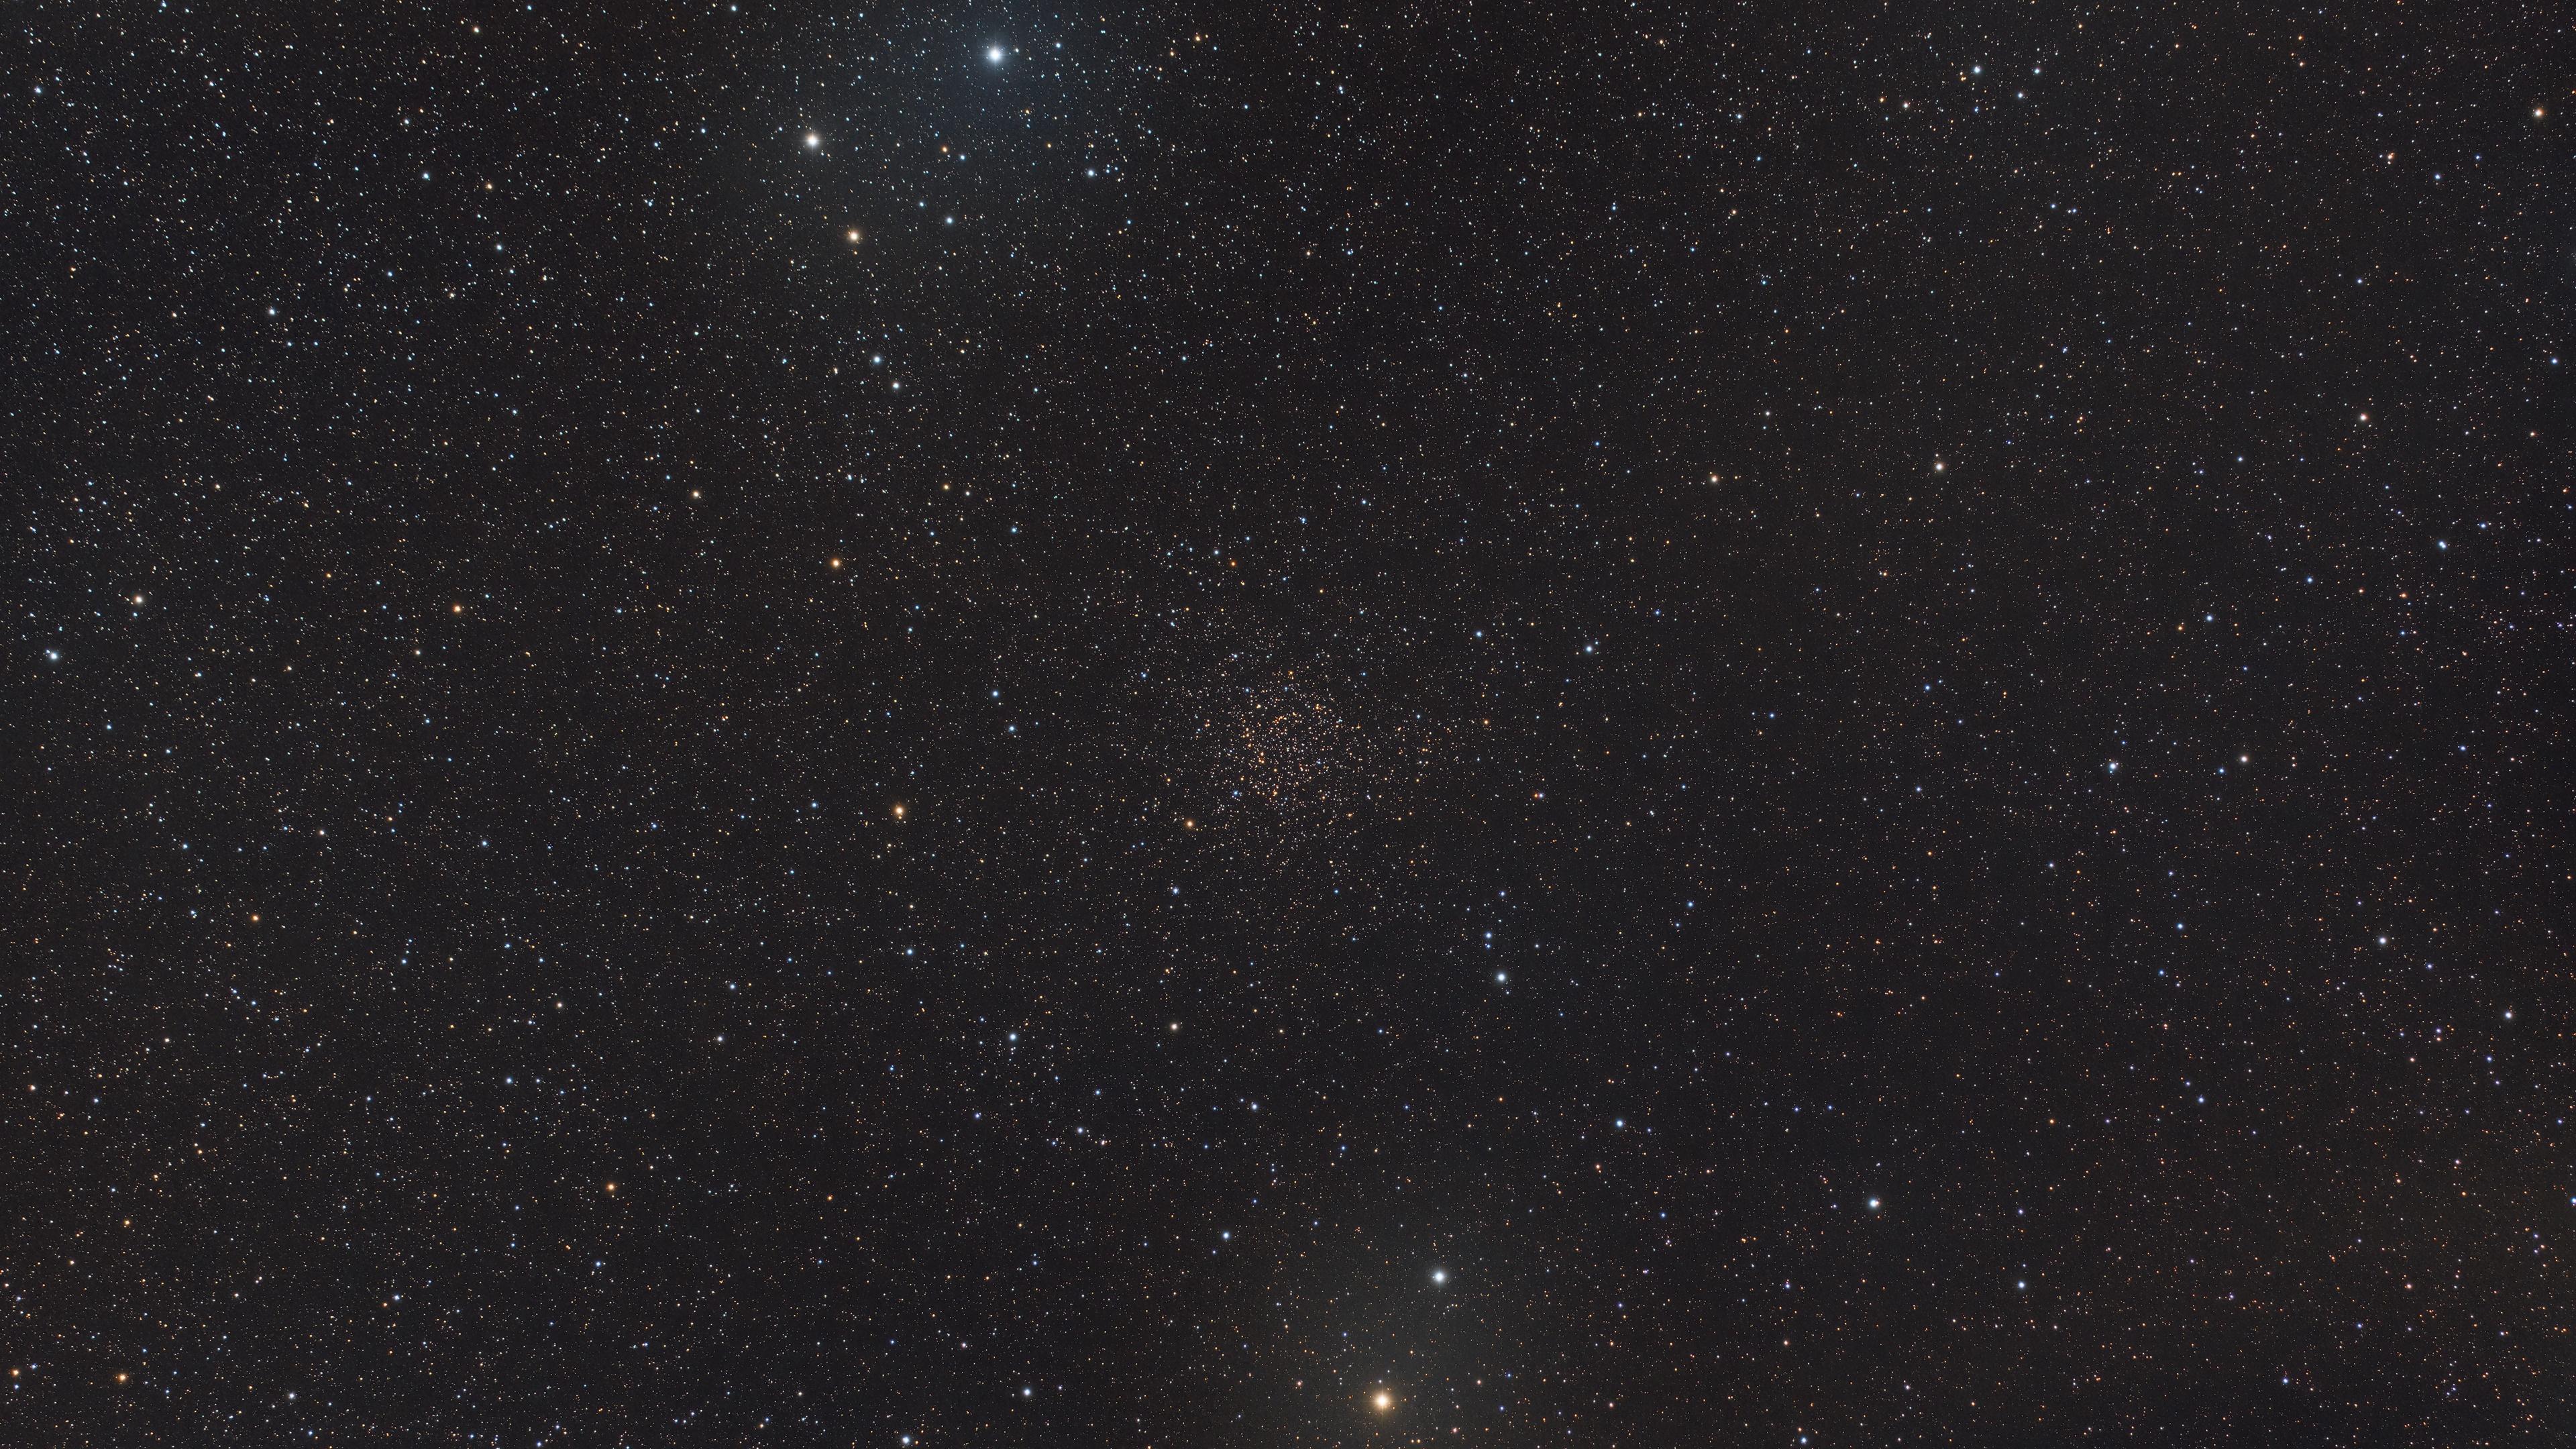 NGC7789_FSQ106Red073x_60x30s_L-Pro.jpg